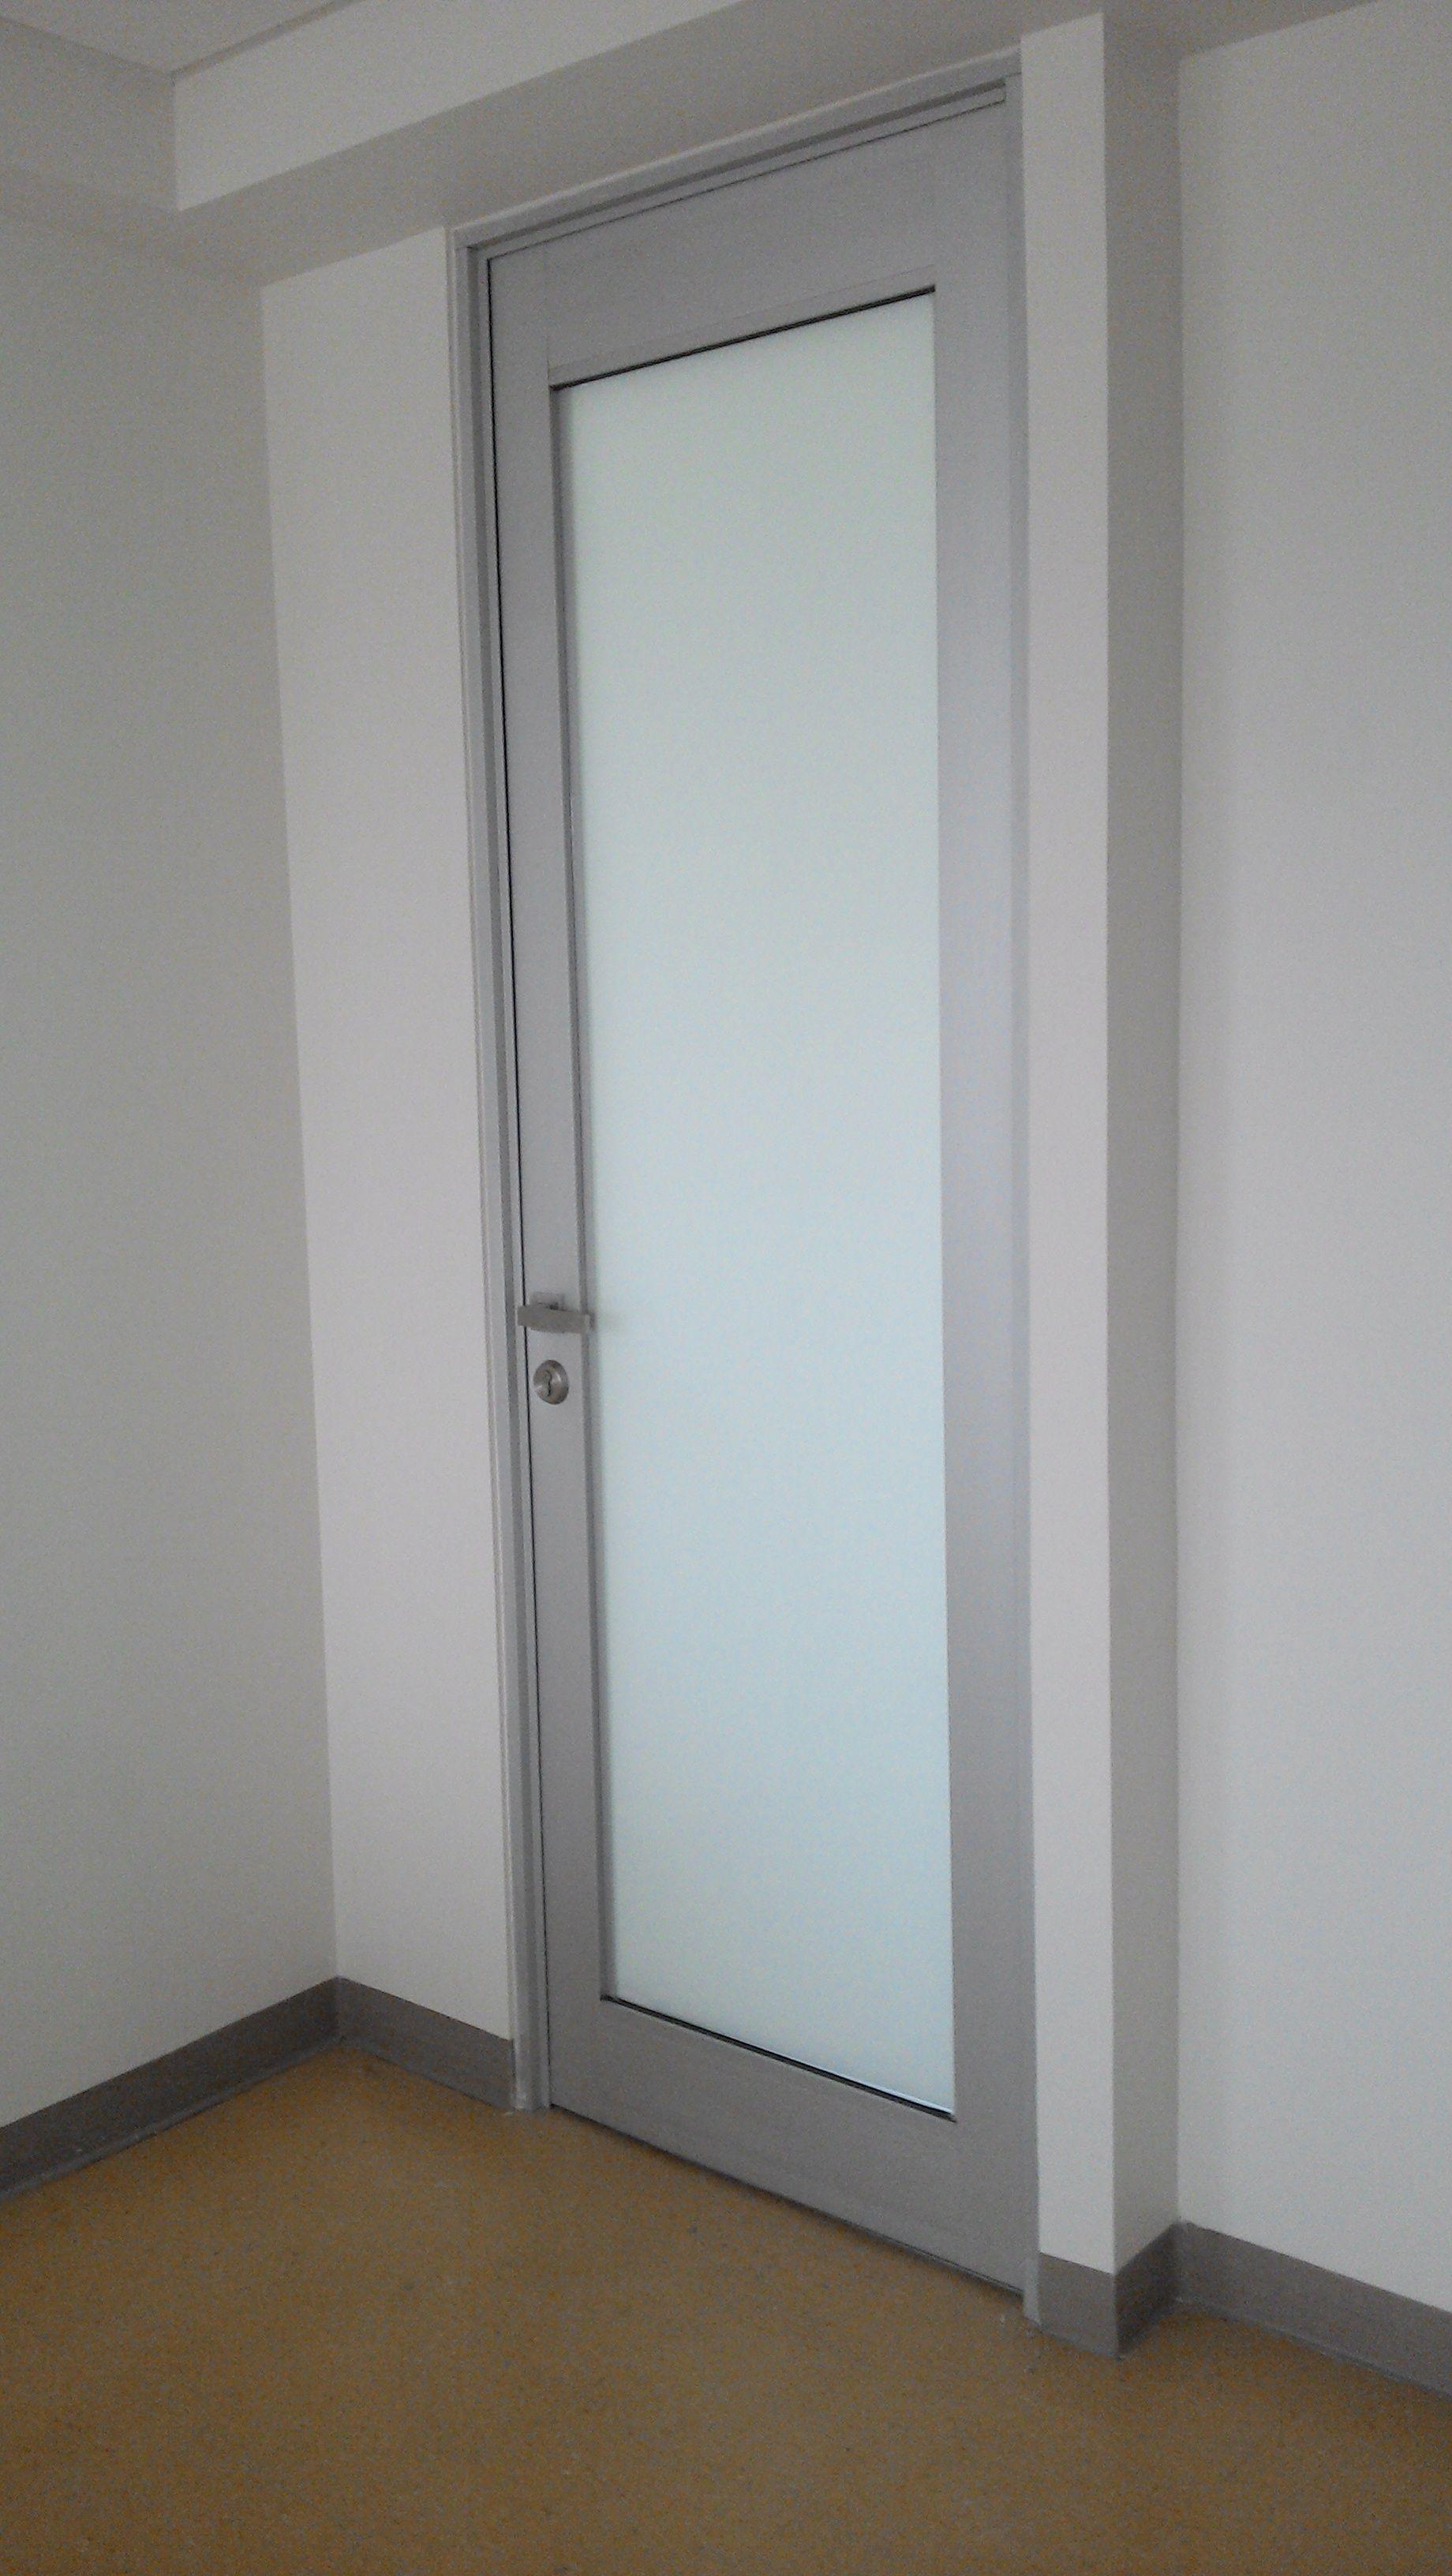 Pintar puertas de madera en blanco great oslo blanco with for Manijas para puertas de madera